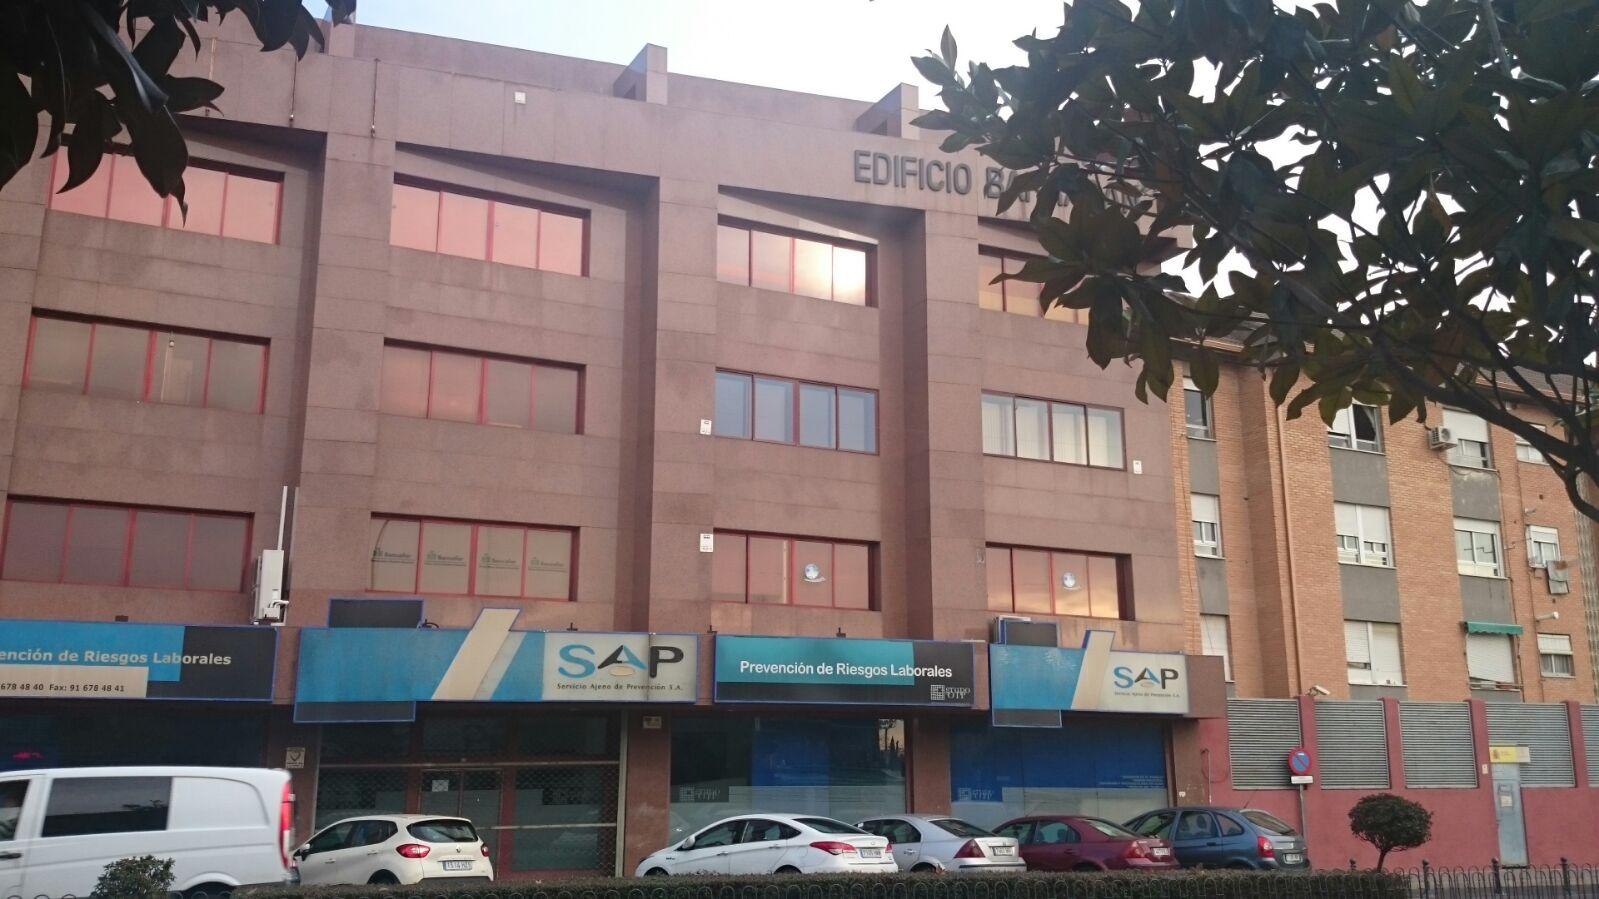 Alerta trama estafadores creditya oficina en torrej n de for Oficina de empleo torrejon de ardoz